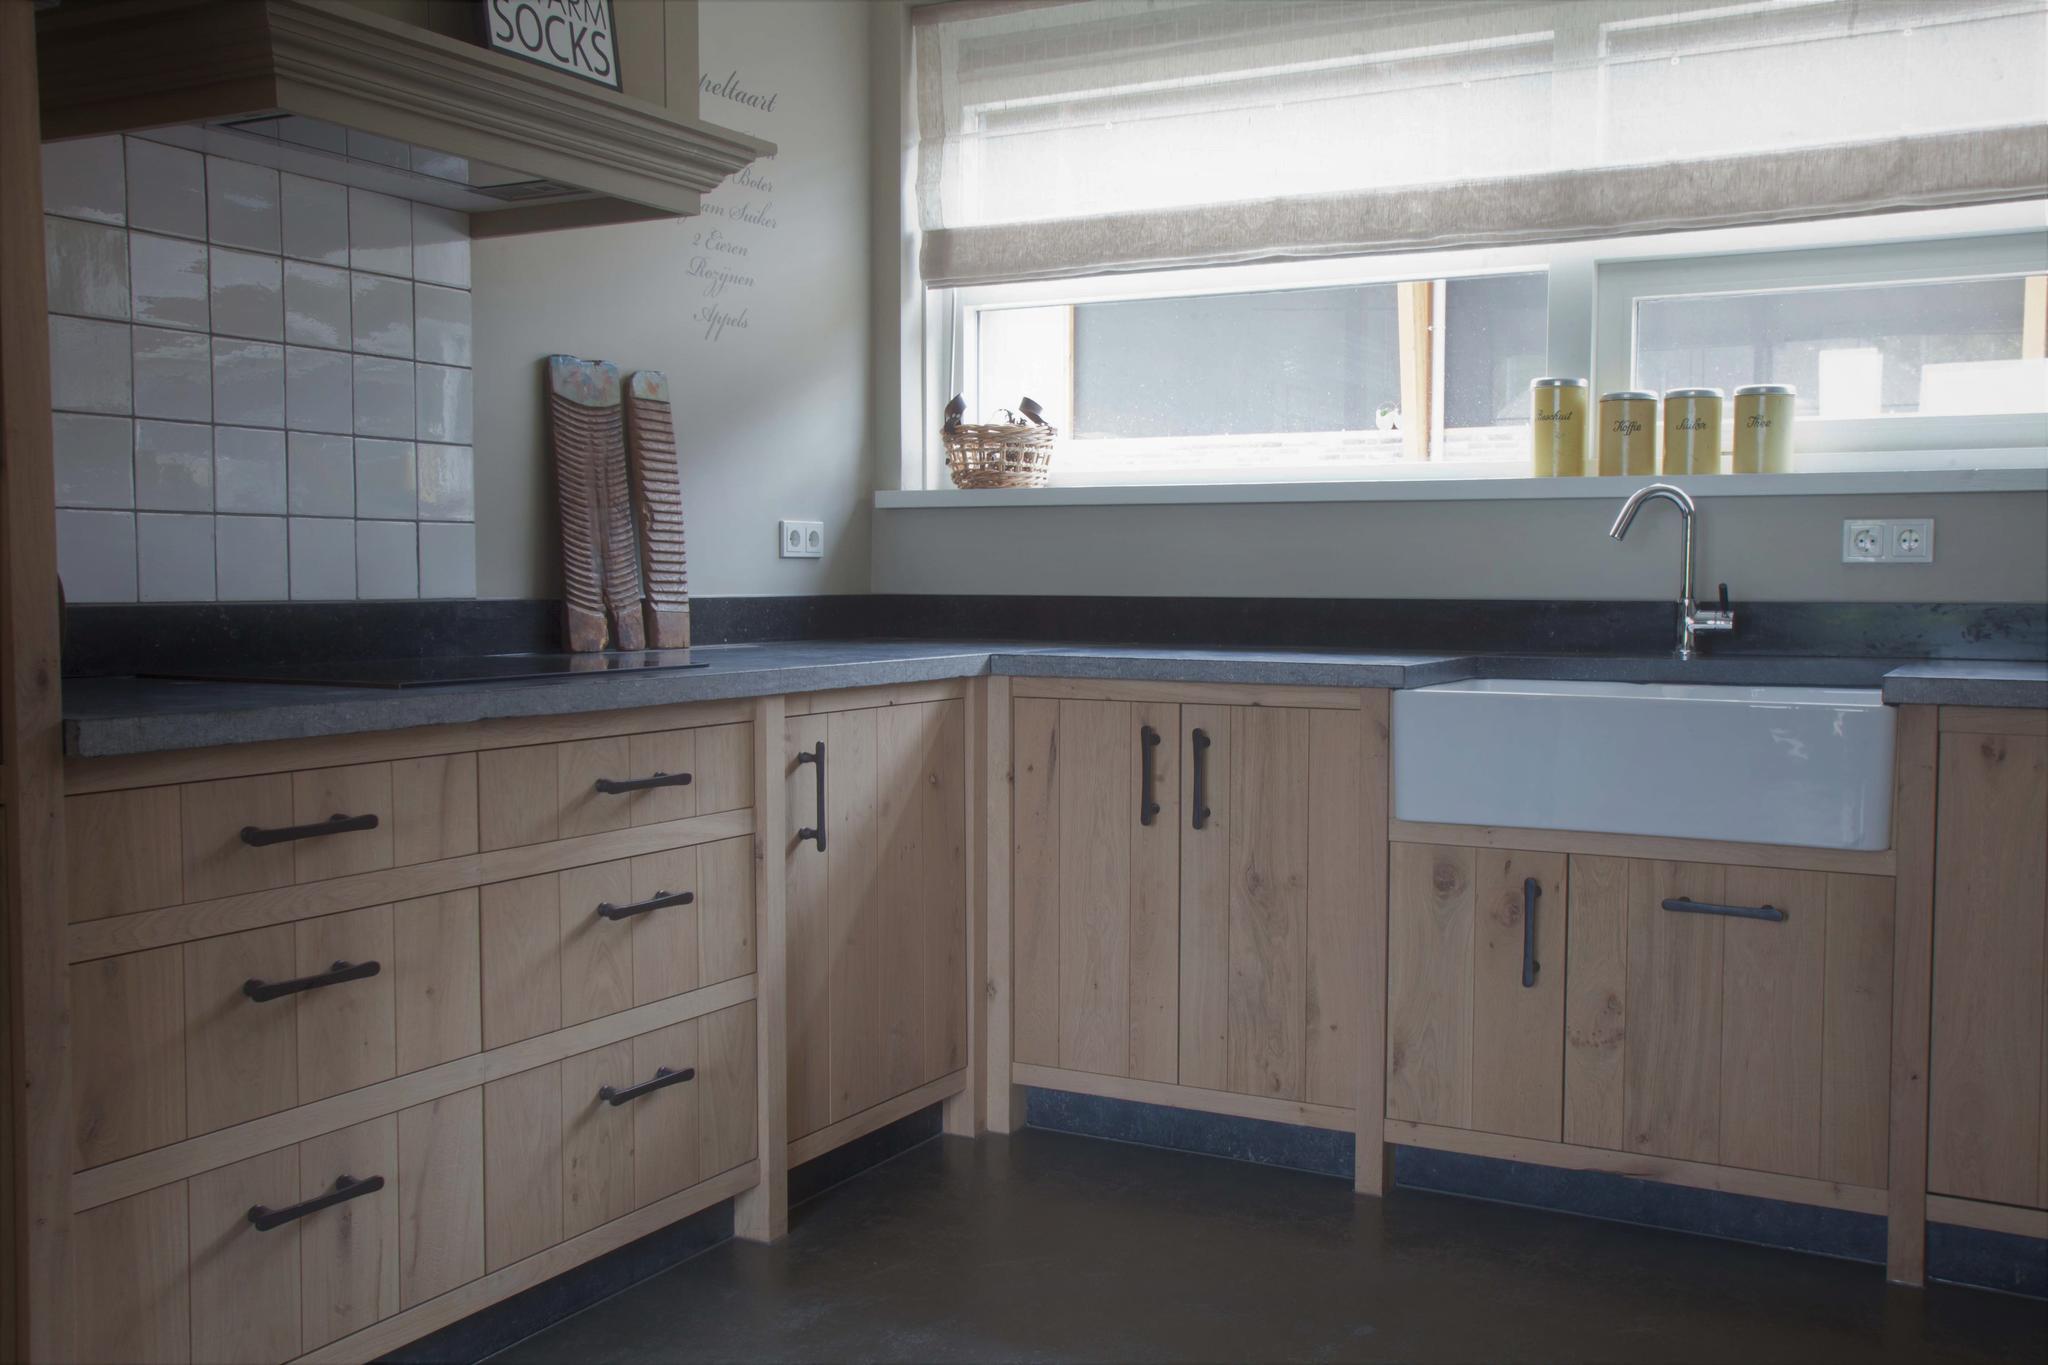 Landelijke Keukens Overijssel : Landelijke keuken kopen uit eigen werkplaats eigen ontwerp in